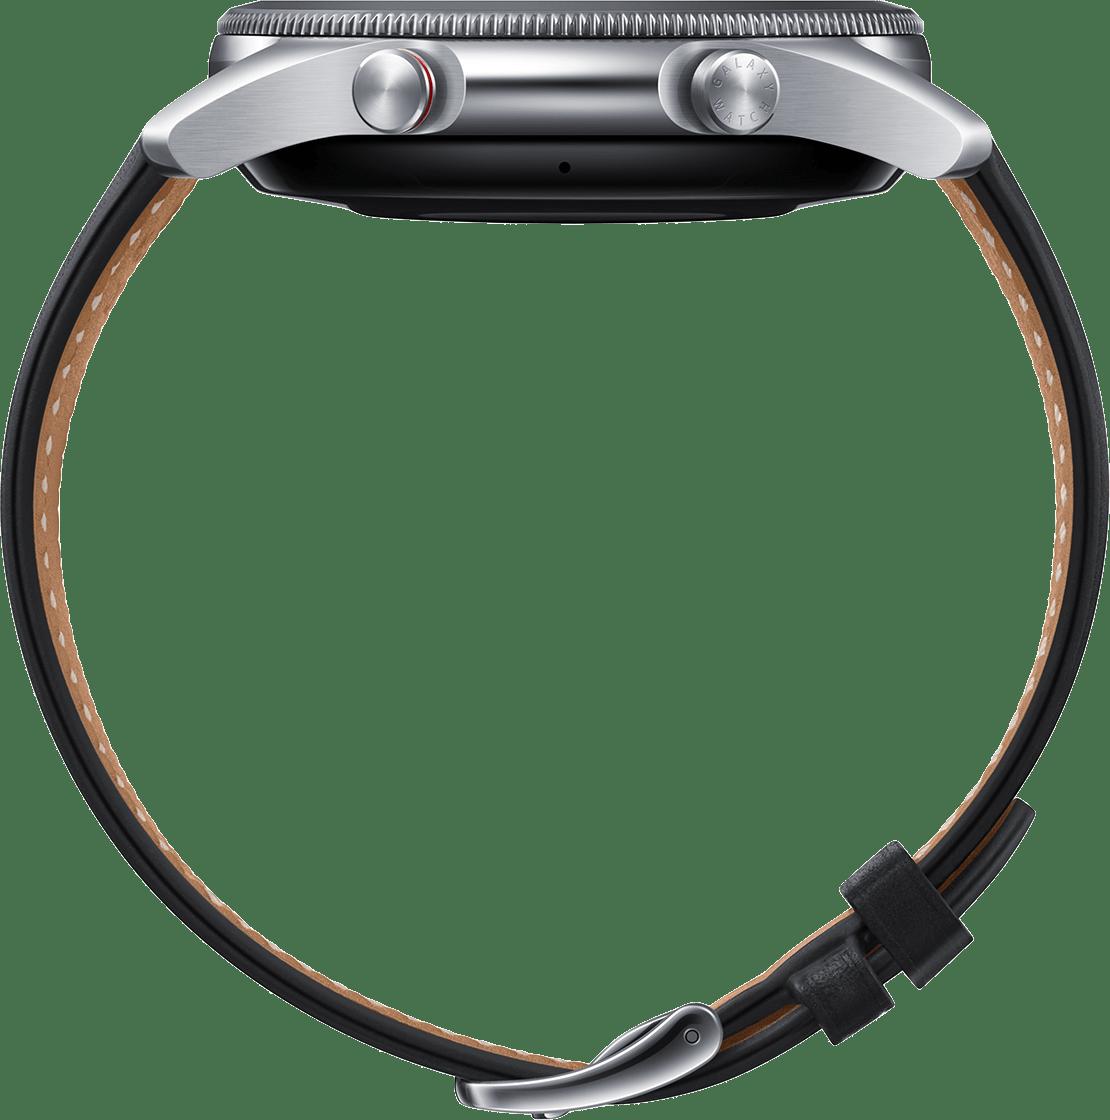 Mystic Silber Samsung Galaxy Watch 3 (LTE), 45mm.4